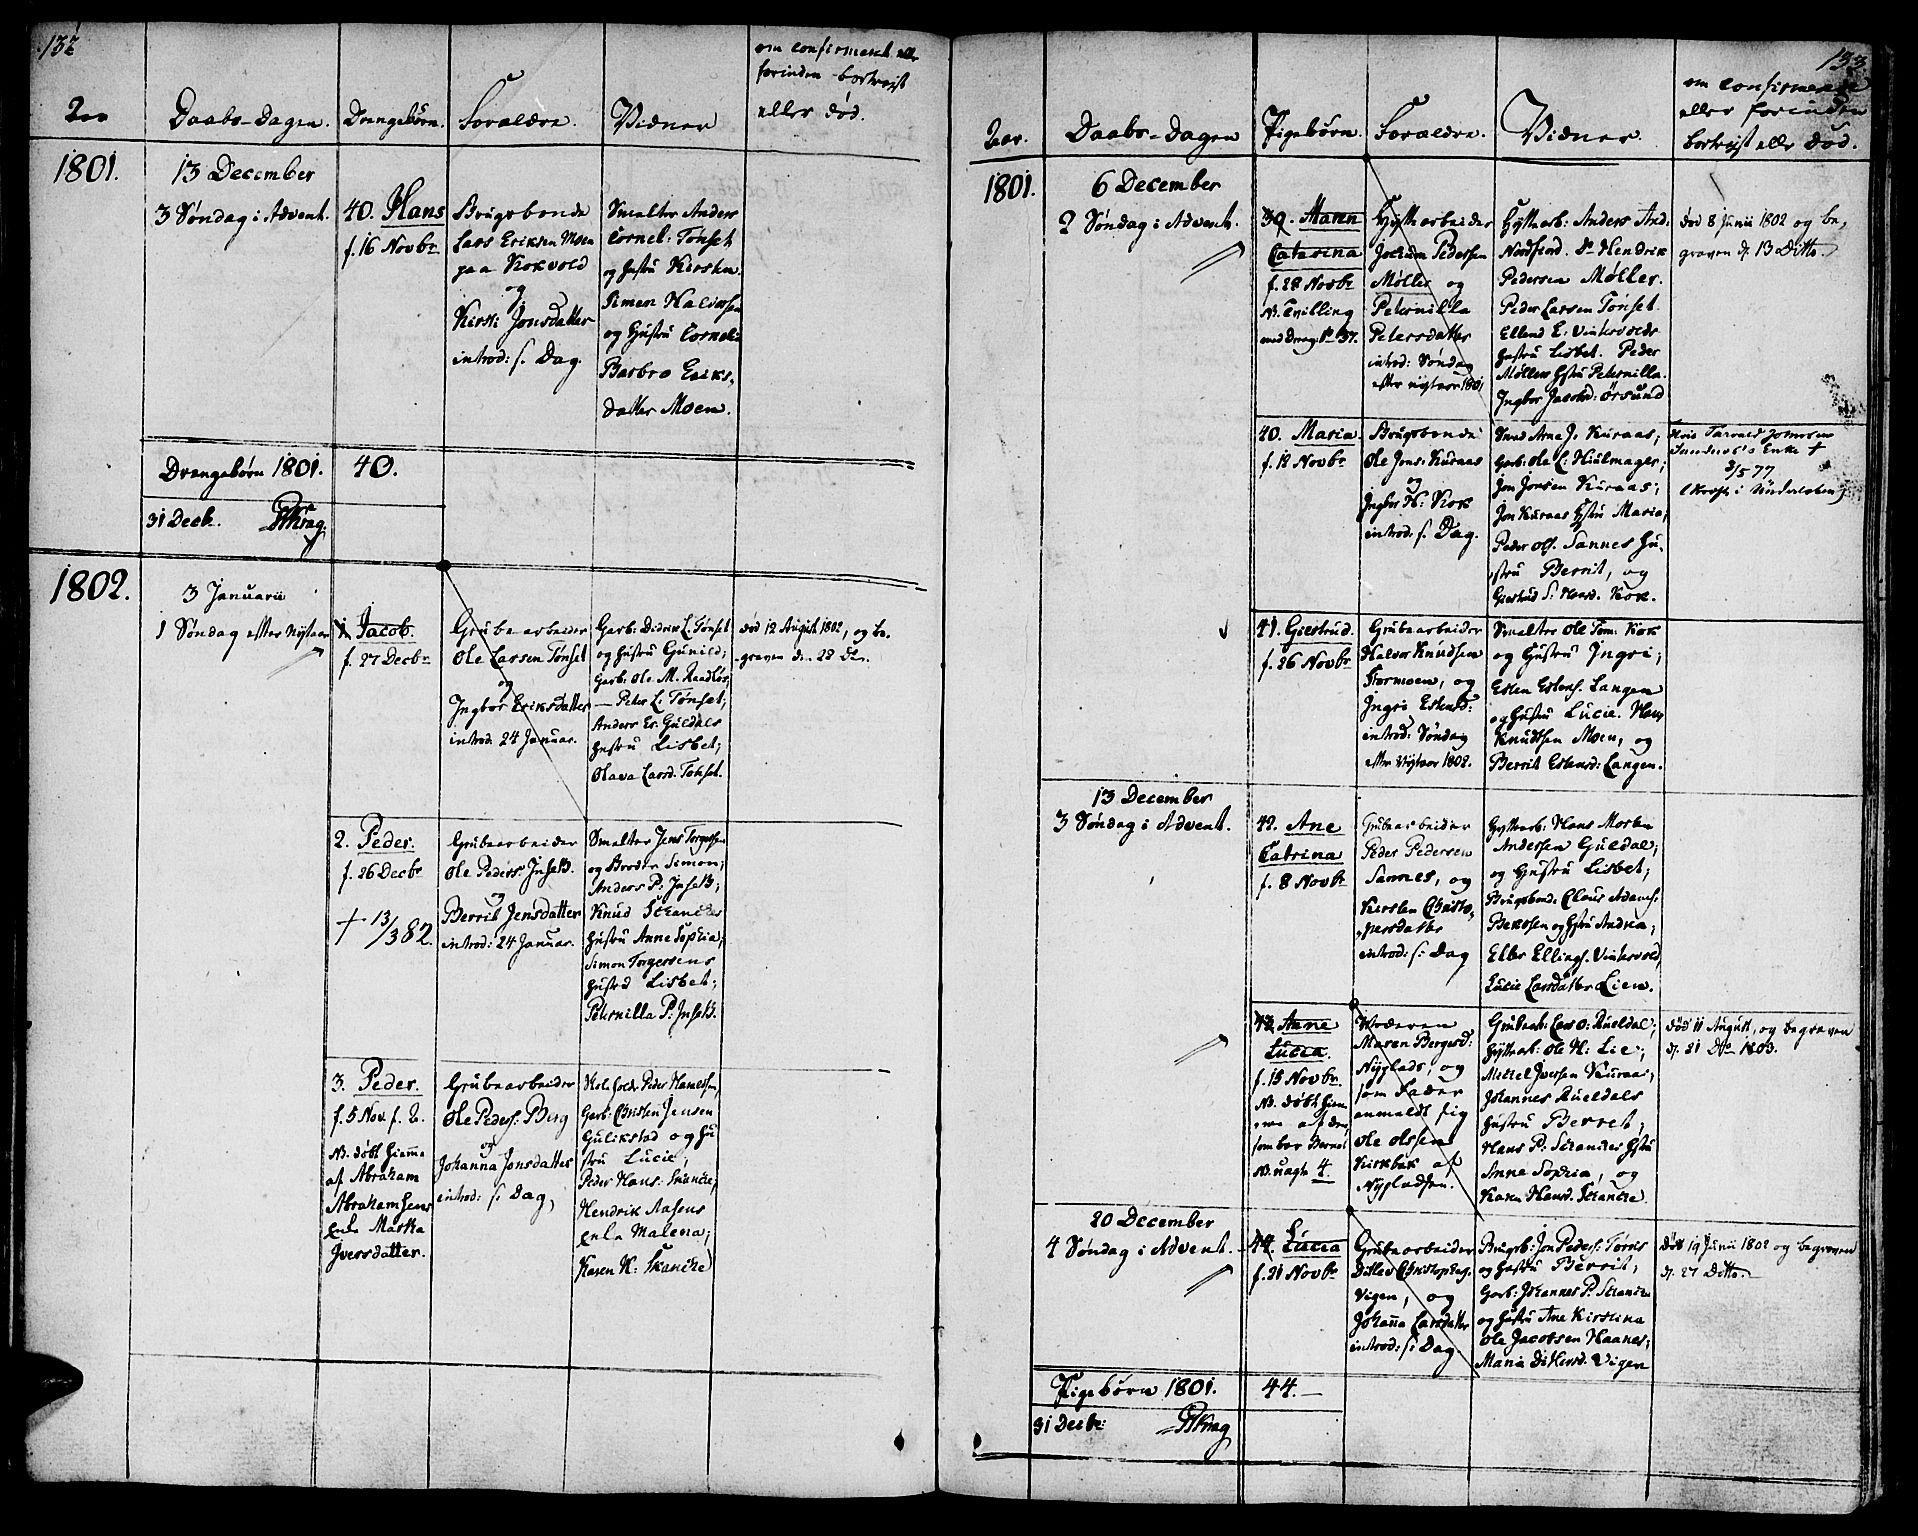 SAT, Ministerialprotokoller, klokkerbøker og fødselsregistre - Sør-Trøndelag, 681/L0927: Ministerialbok nr. 681A05, 1798-1808, s. 132-133